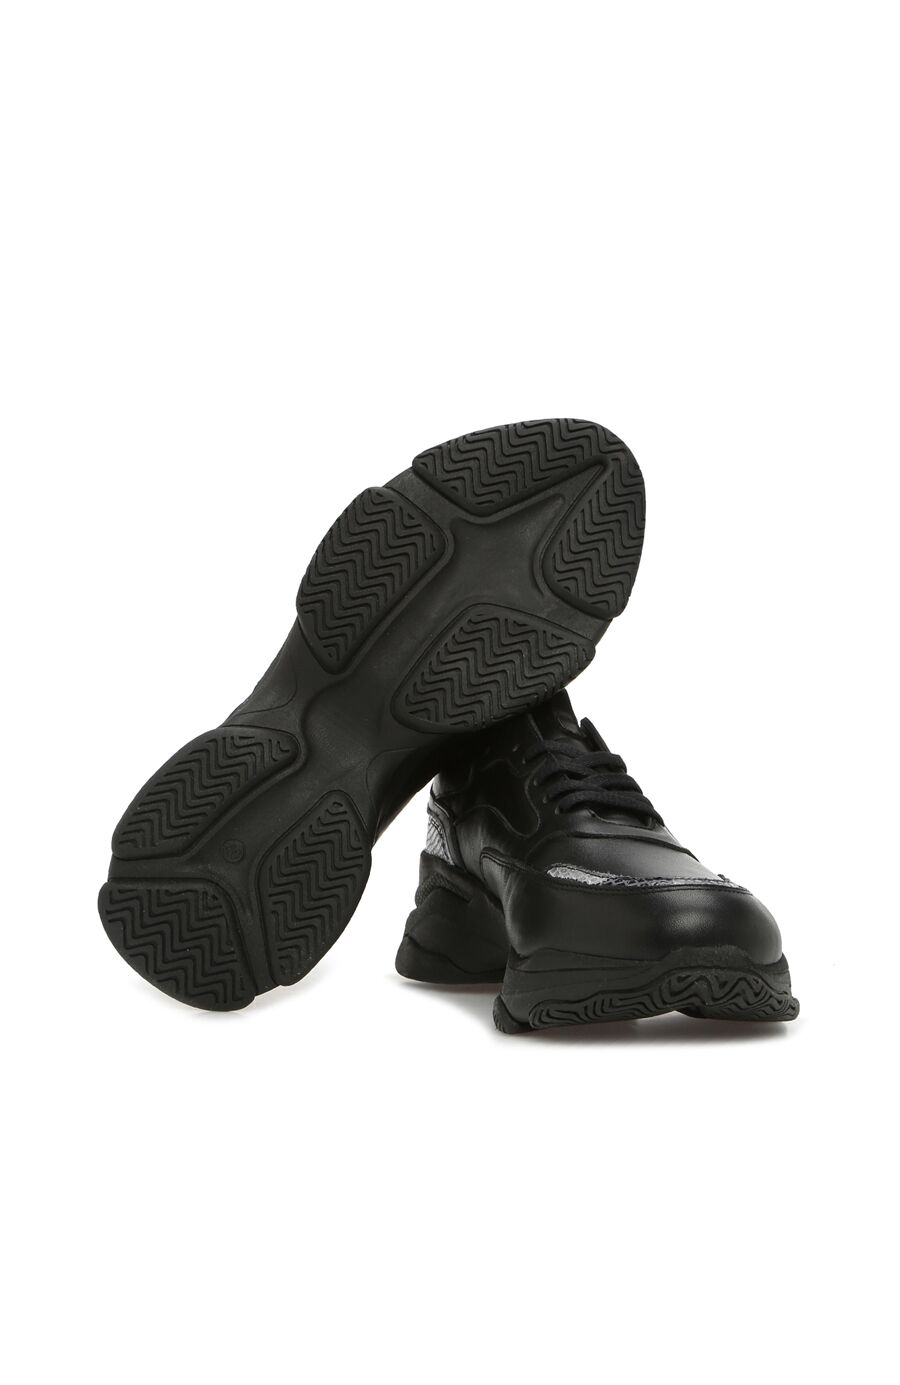 Siyah Gri Yılan Derisi Baskılı Kadın Sneaker